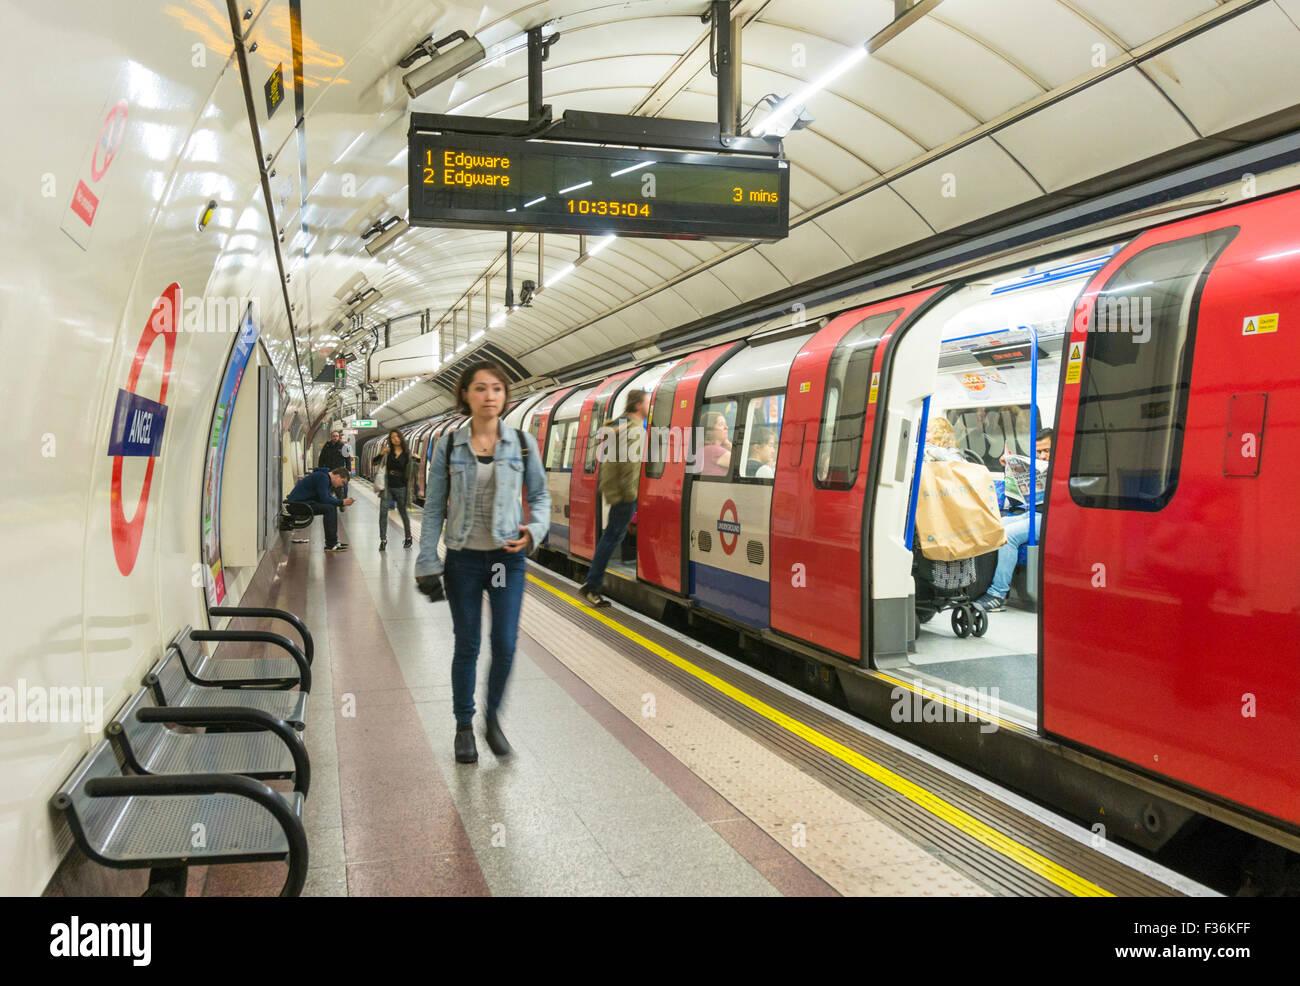 Les banlieusards après un tube fixe formé à une plate-forme de la station de métro de Londres Photo Stock